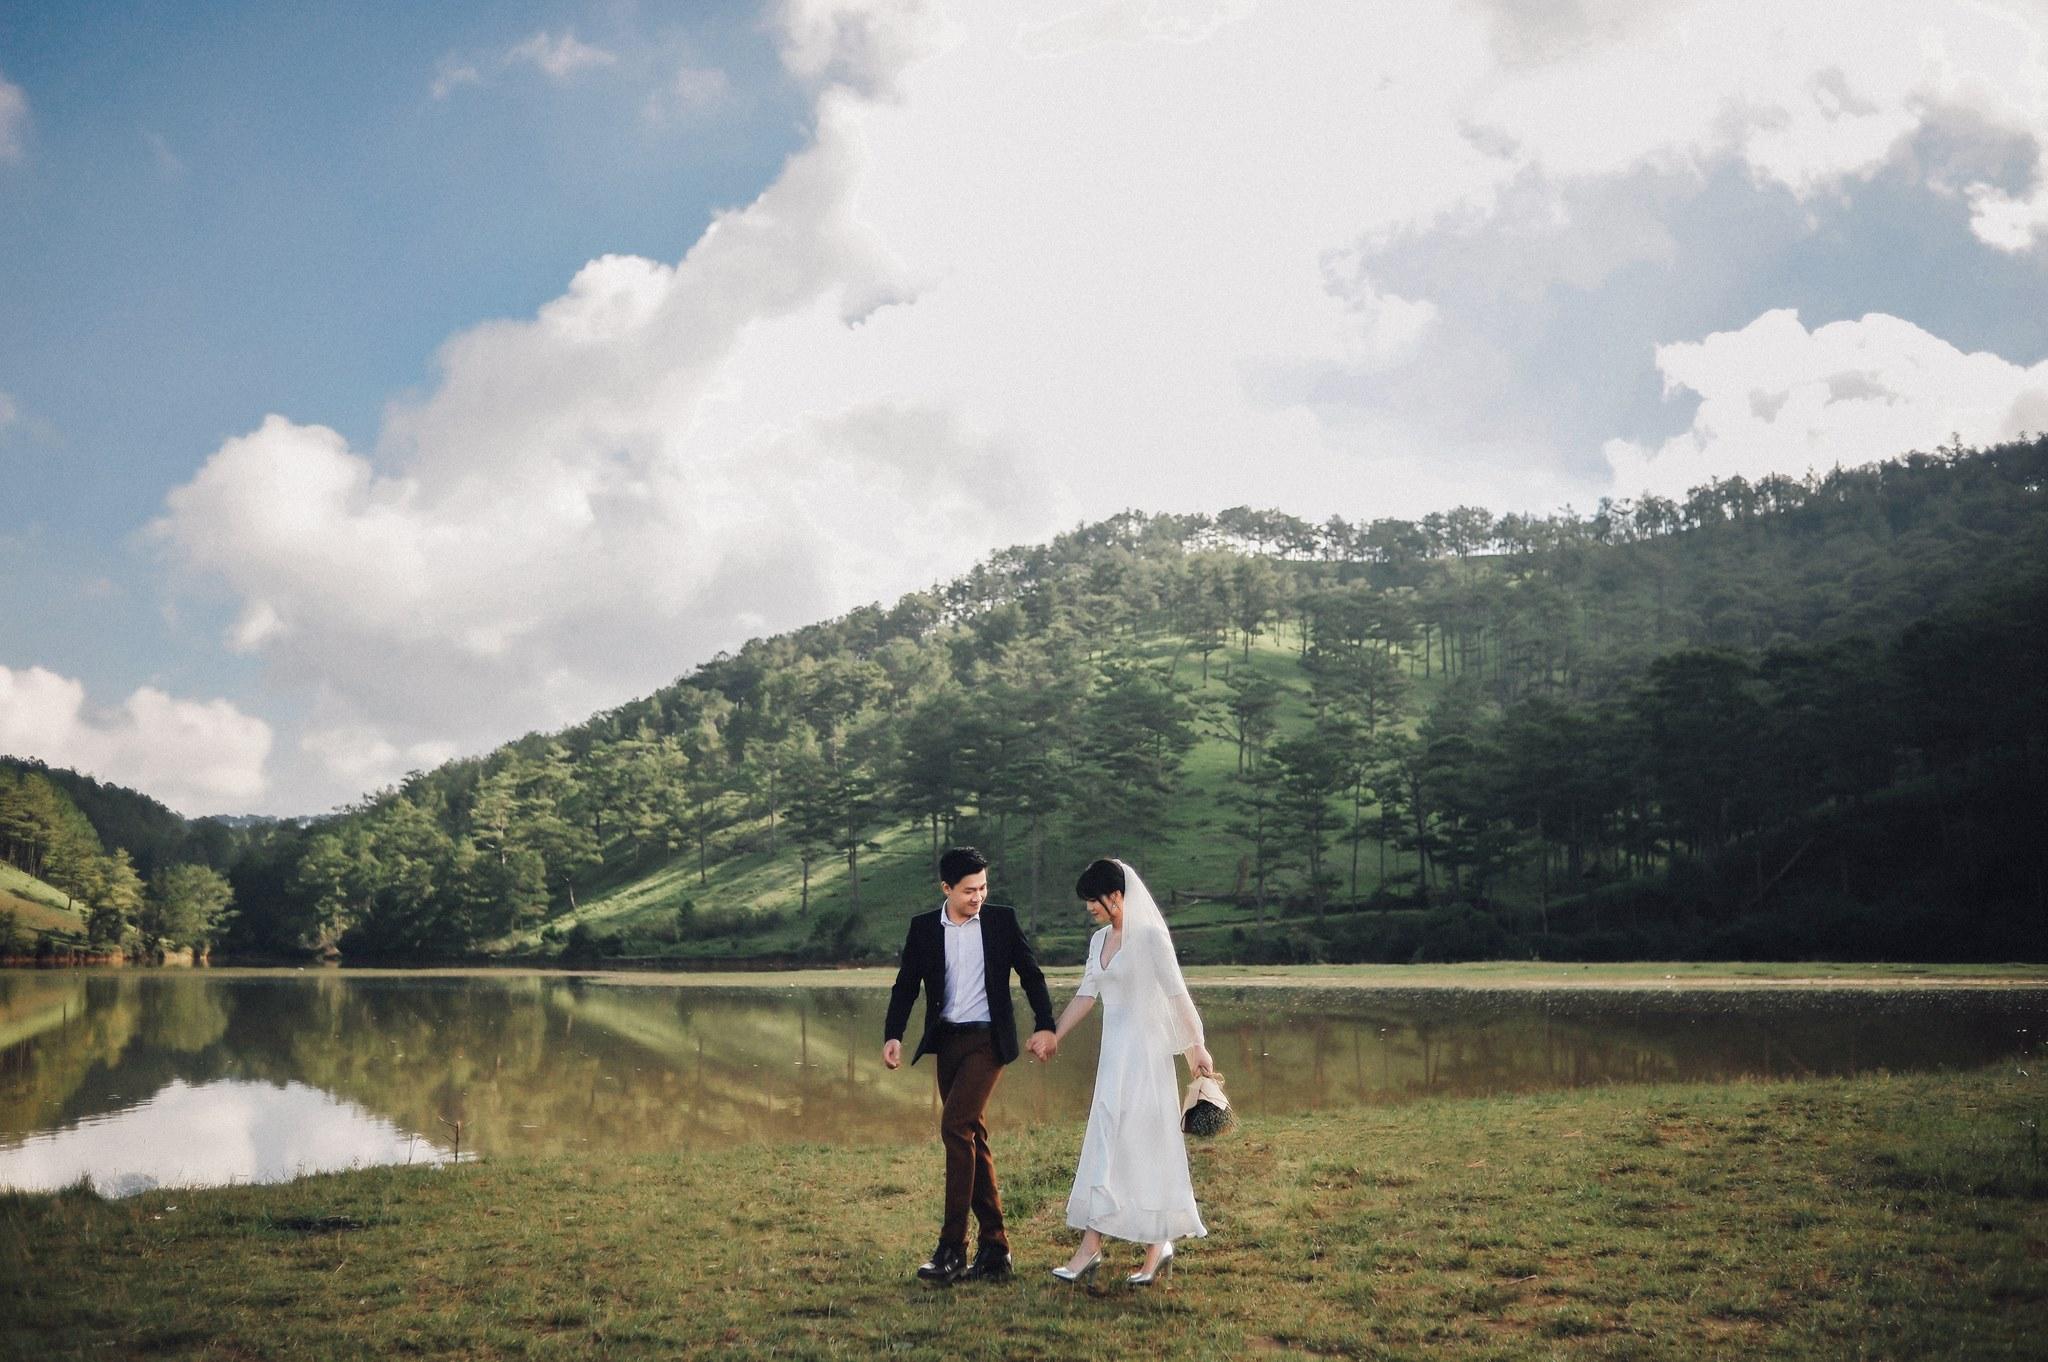 Trọn bộ ảnh cưới giản dị nhưng ngập tràn hạnh phúc của MC Trần Ngọc và 9x xinh đẹp - Ảnh 3.